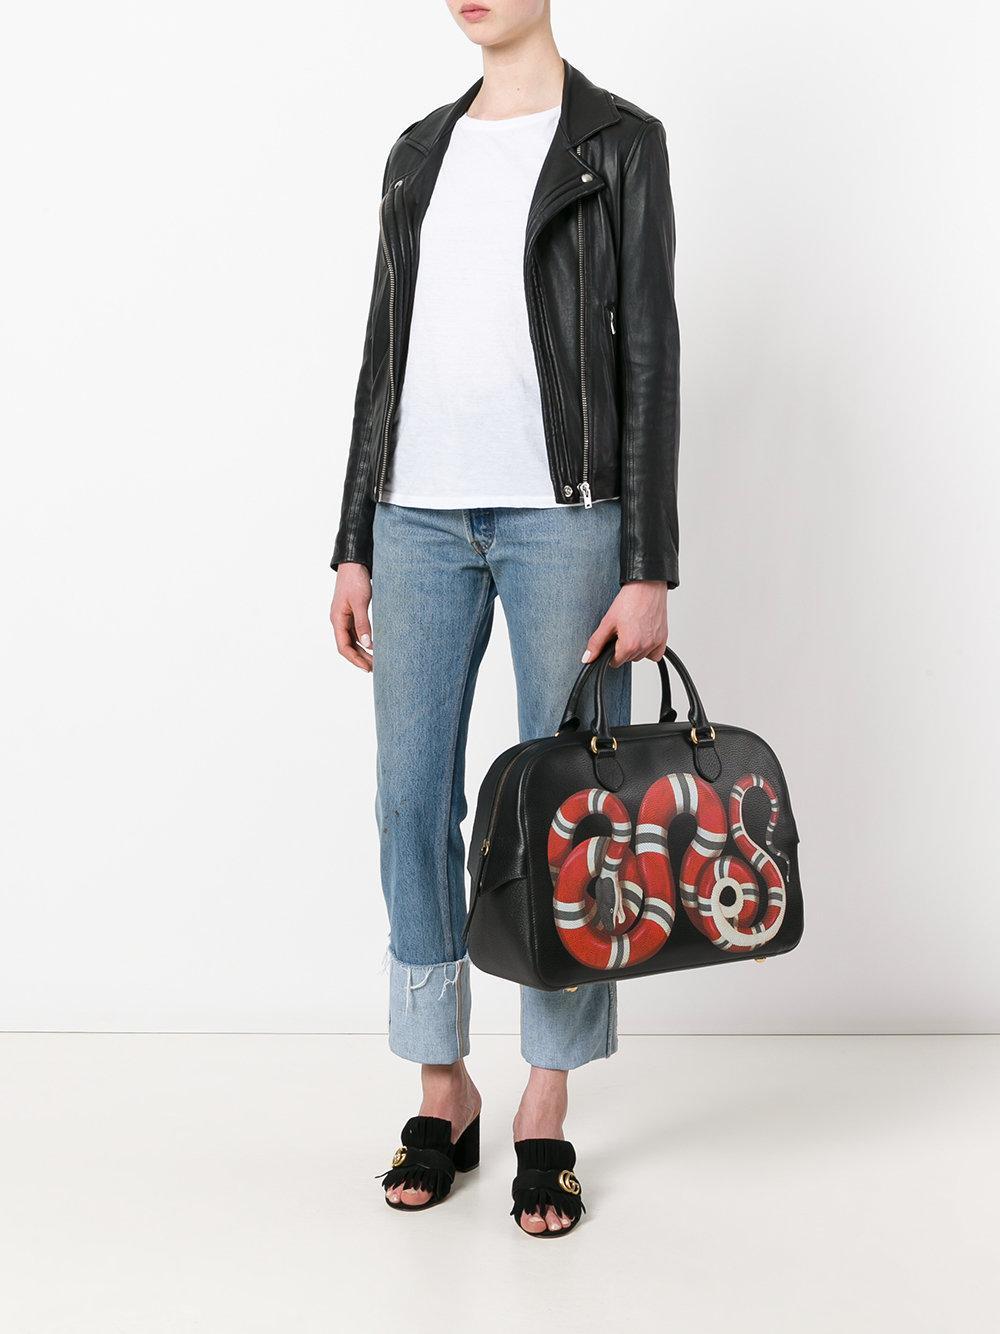 26eb1ee8e89d Gucci Kingsnake Print Tote Bag in Black - Lyst